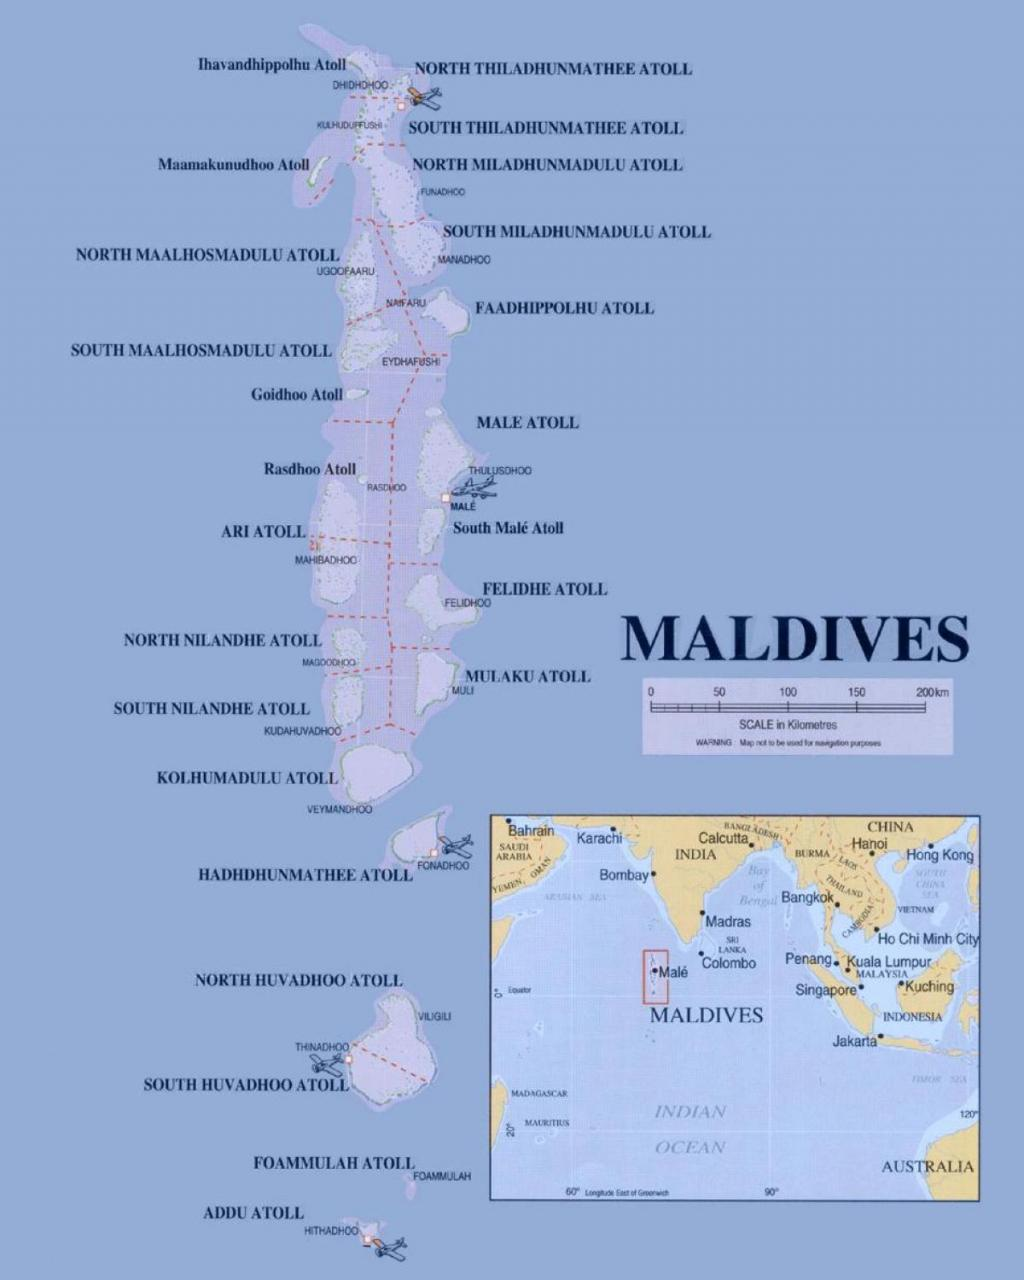 خريطة المالديف التفصيلية